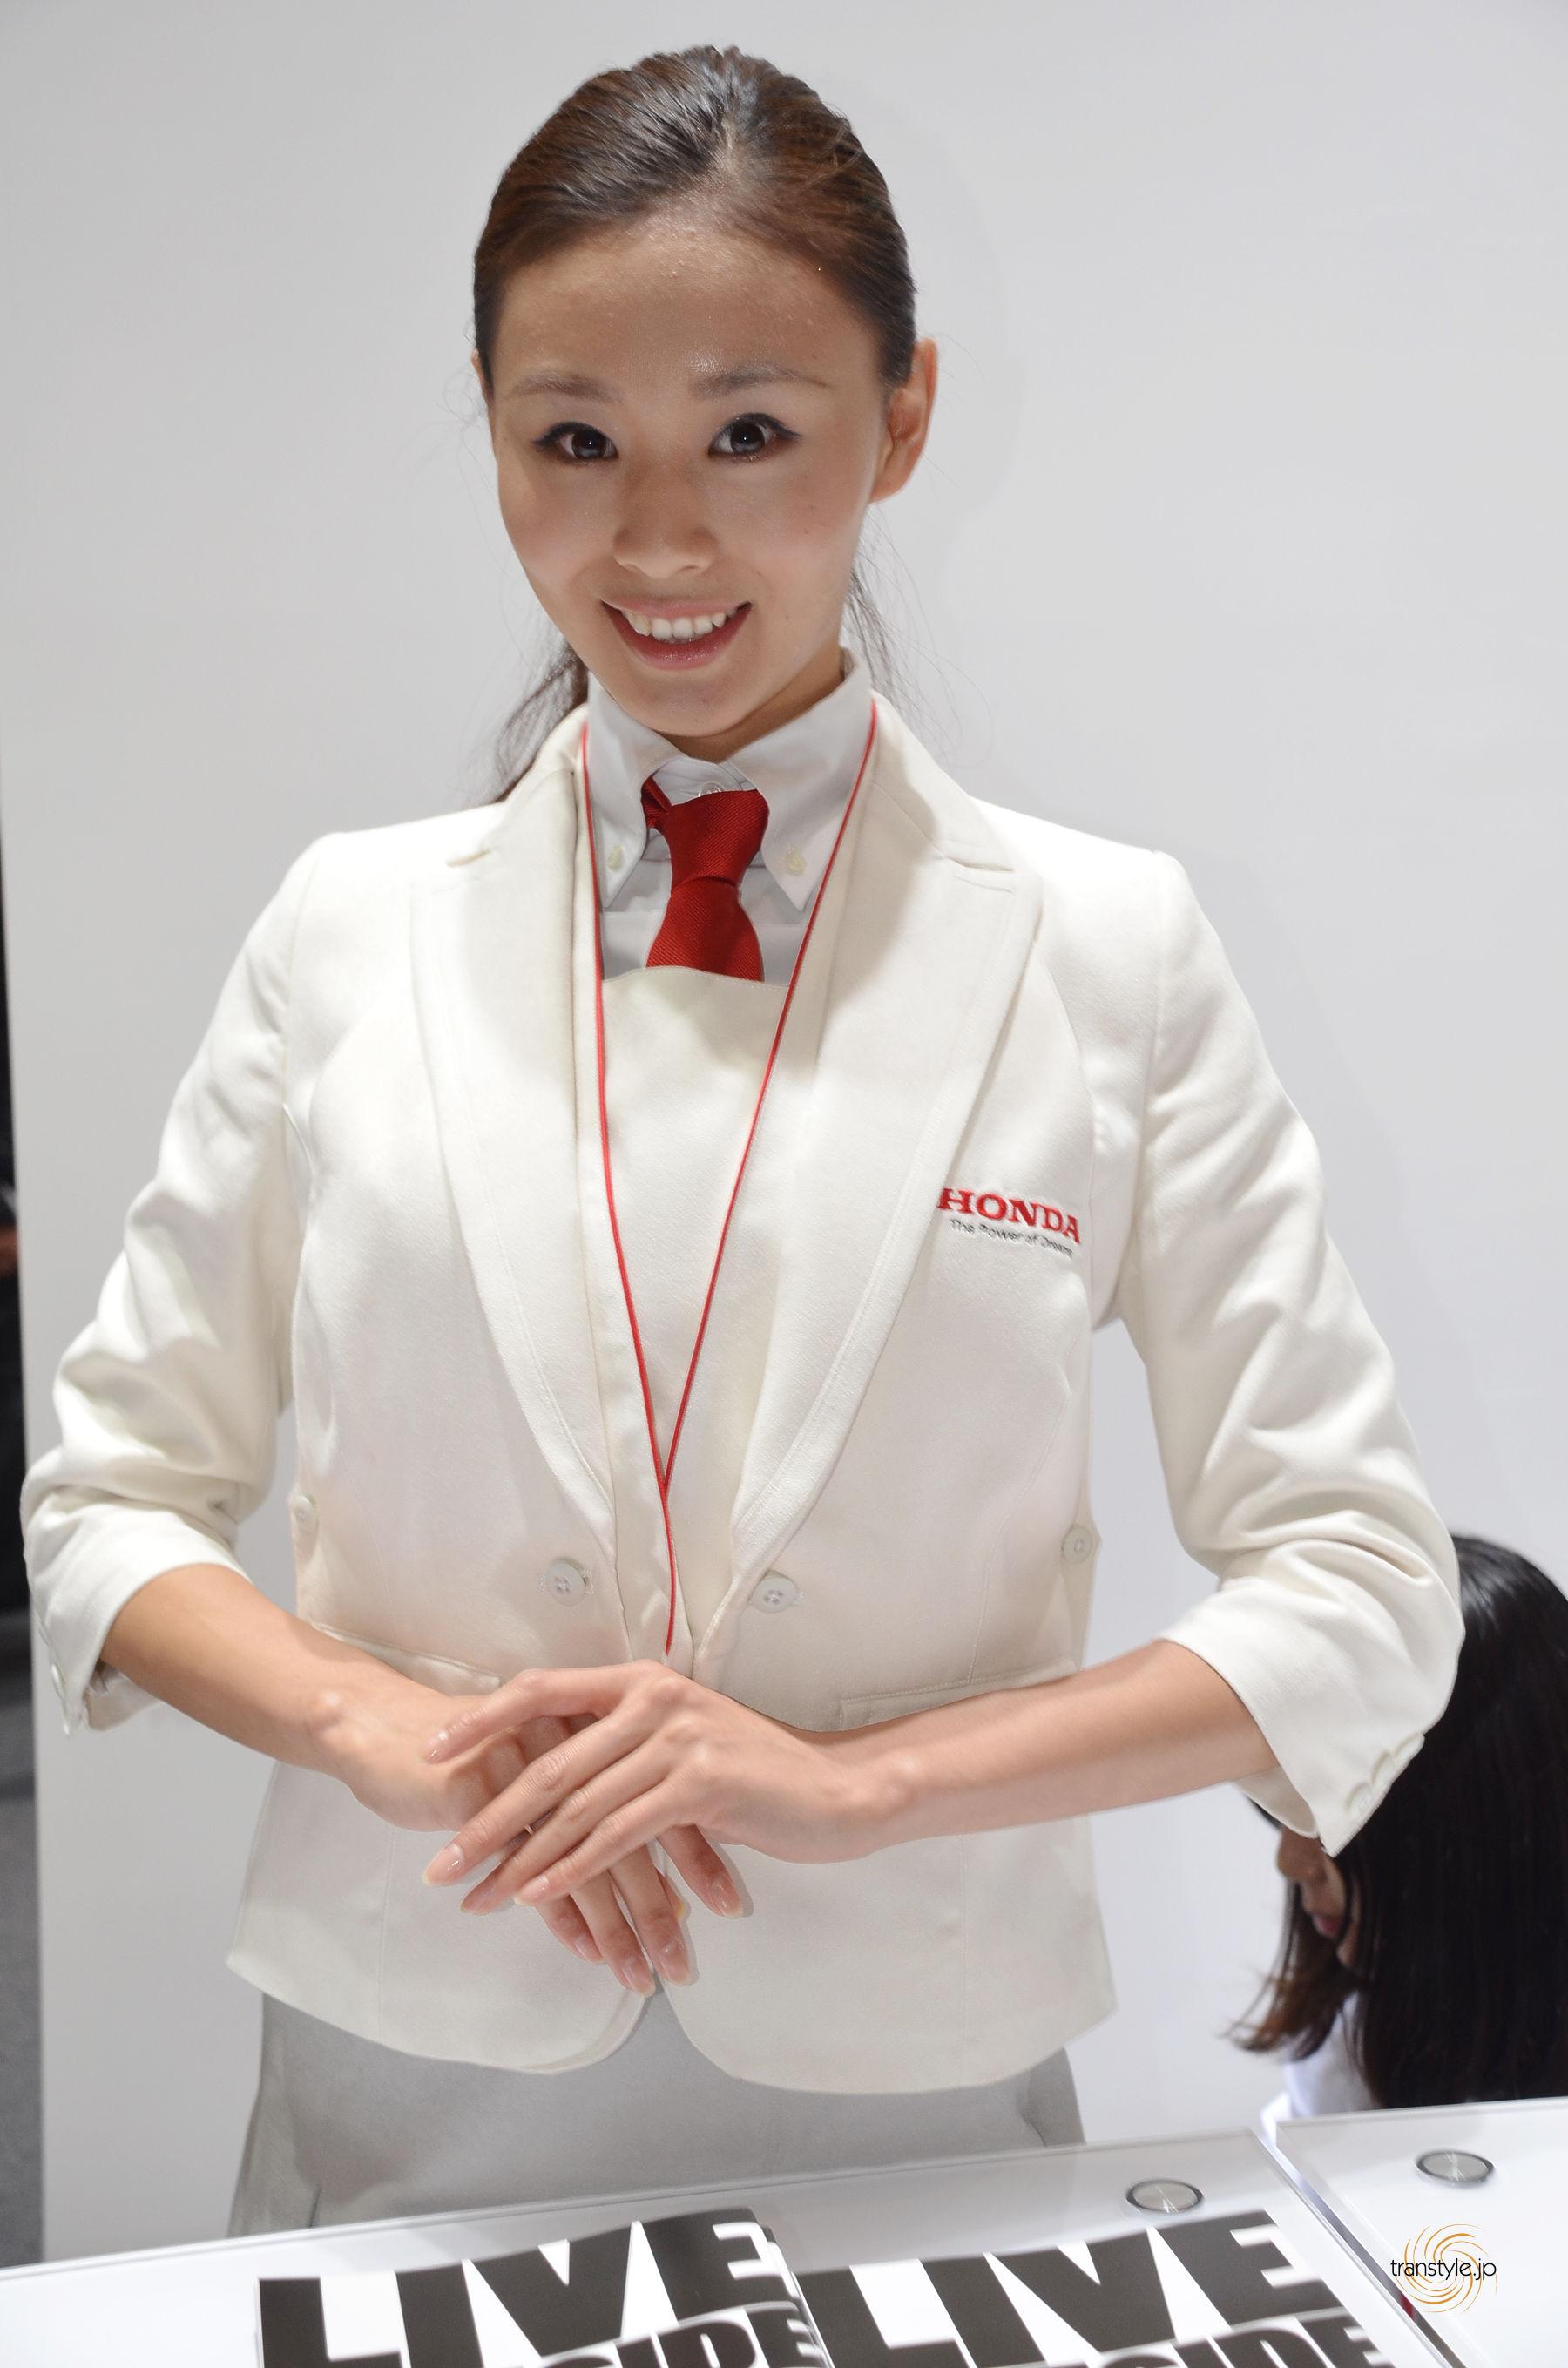 HONDA受付嬢 TokyoMotorShow2013